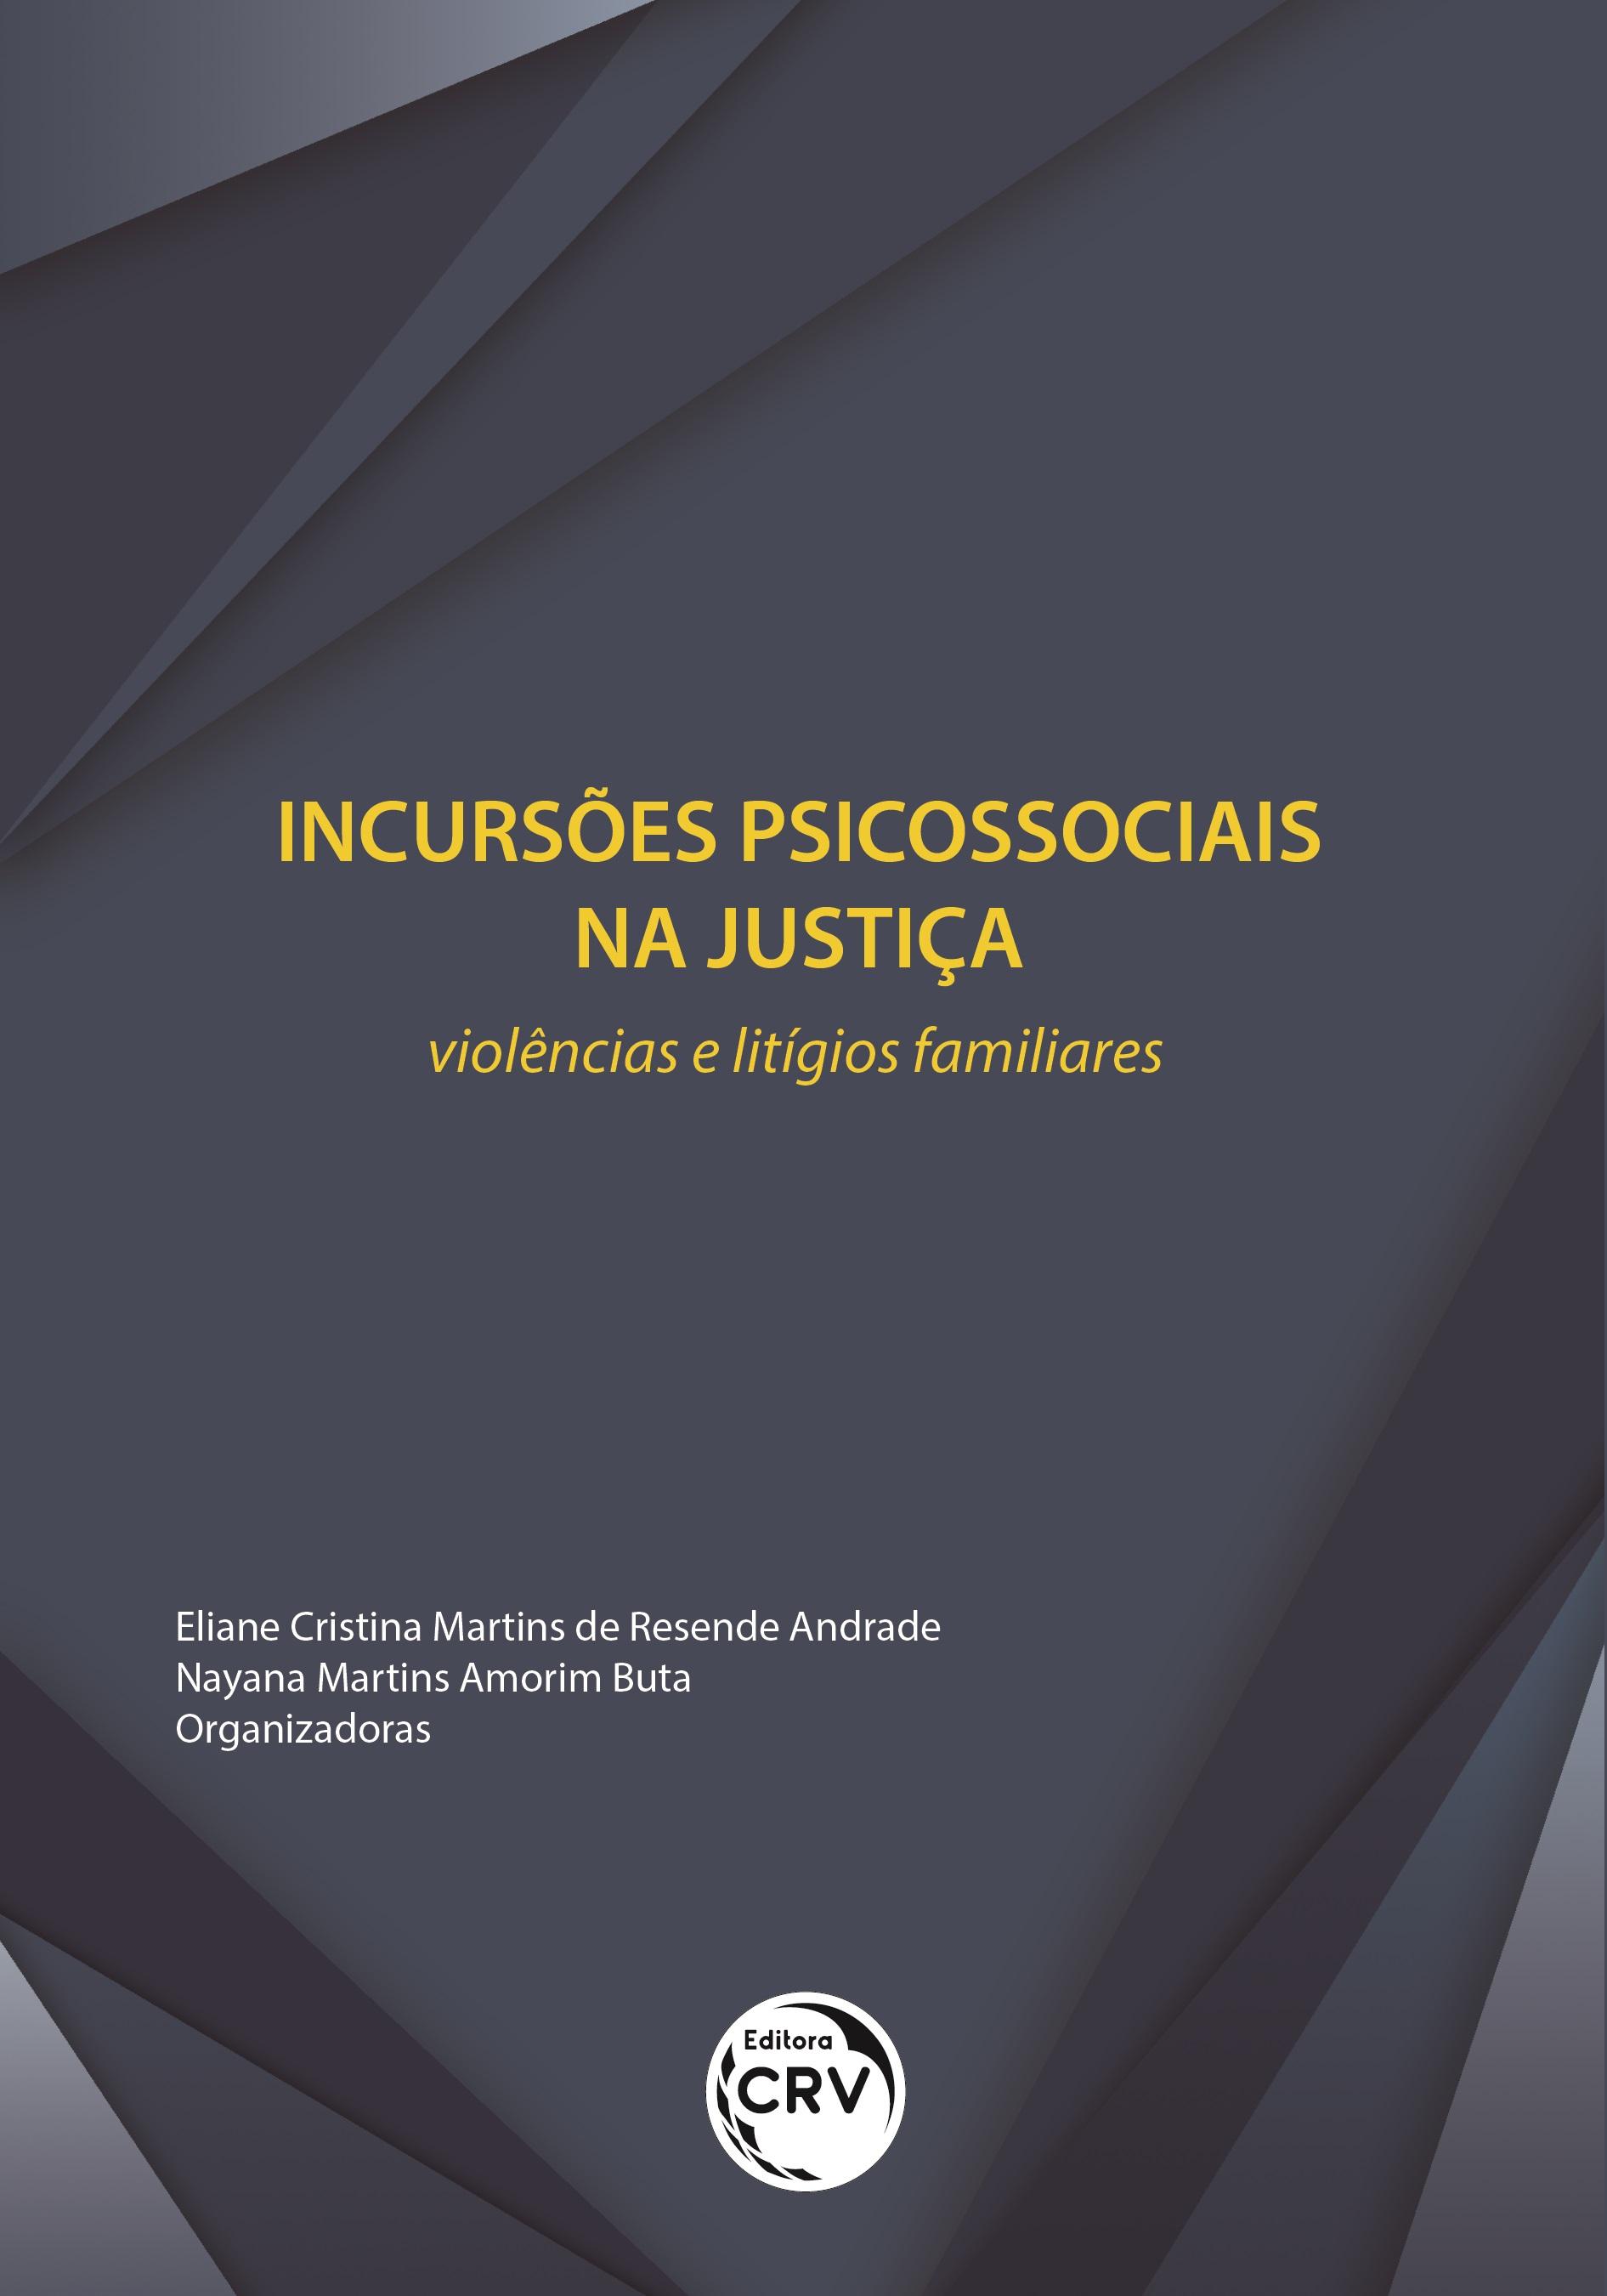 Capa do livro: INCURSÕES PSICOSSOCIAIS NA JUSTIÇA: <br>violências e litígios familiares